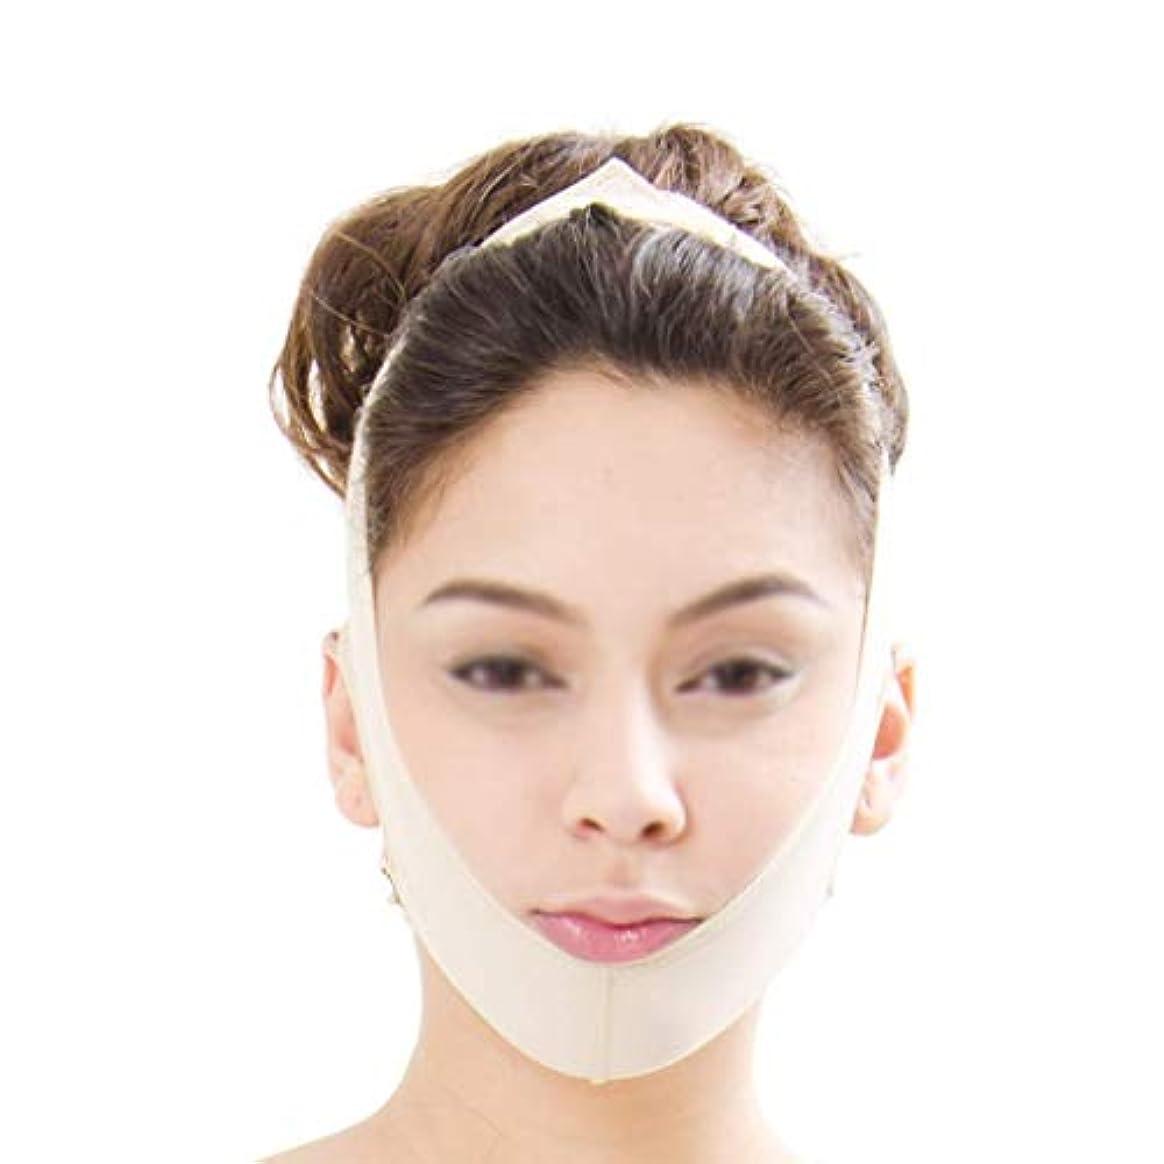 あえぎ誓うオーバーフローフェイススリミングバンデージ、フェイスリフティングマスク、フェイスリフティングバンデージ、フェイシャル減量マスク、ダブルチンケア減量(サイズ:M),M